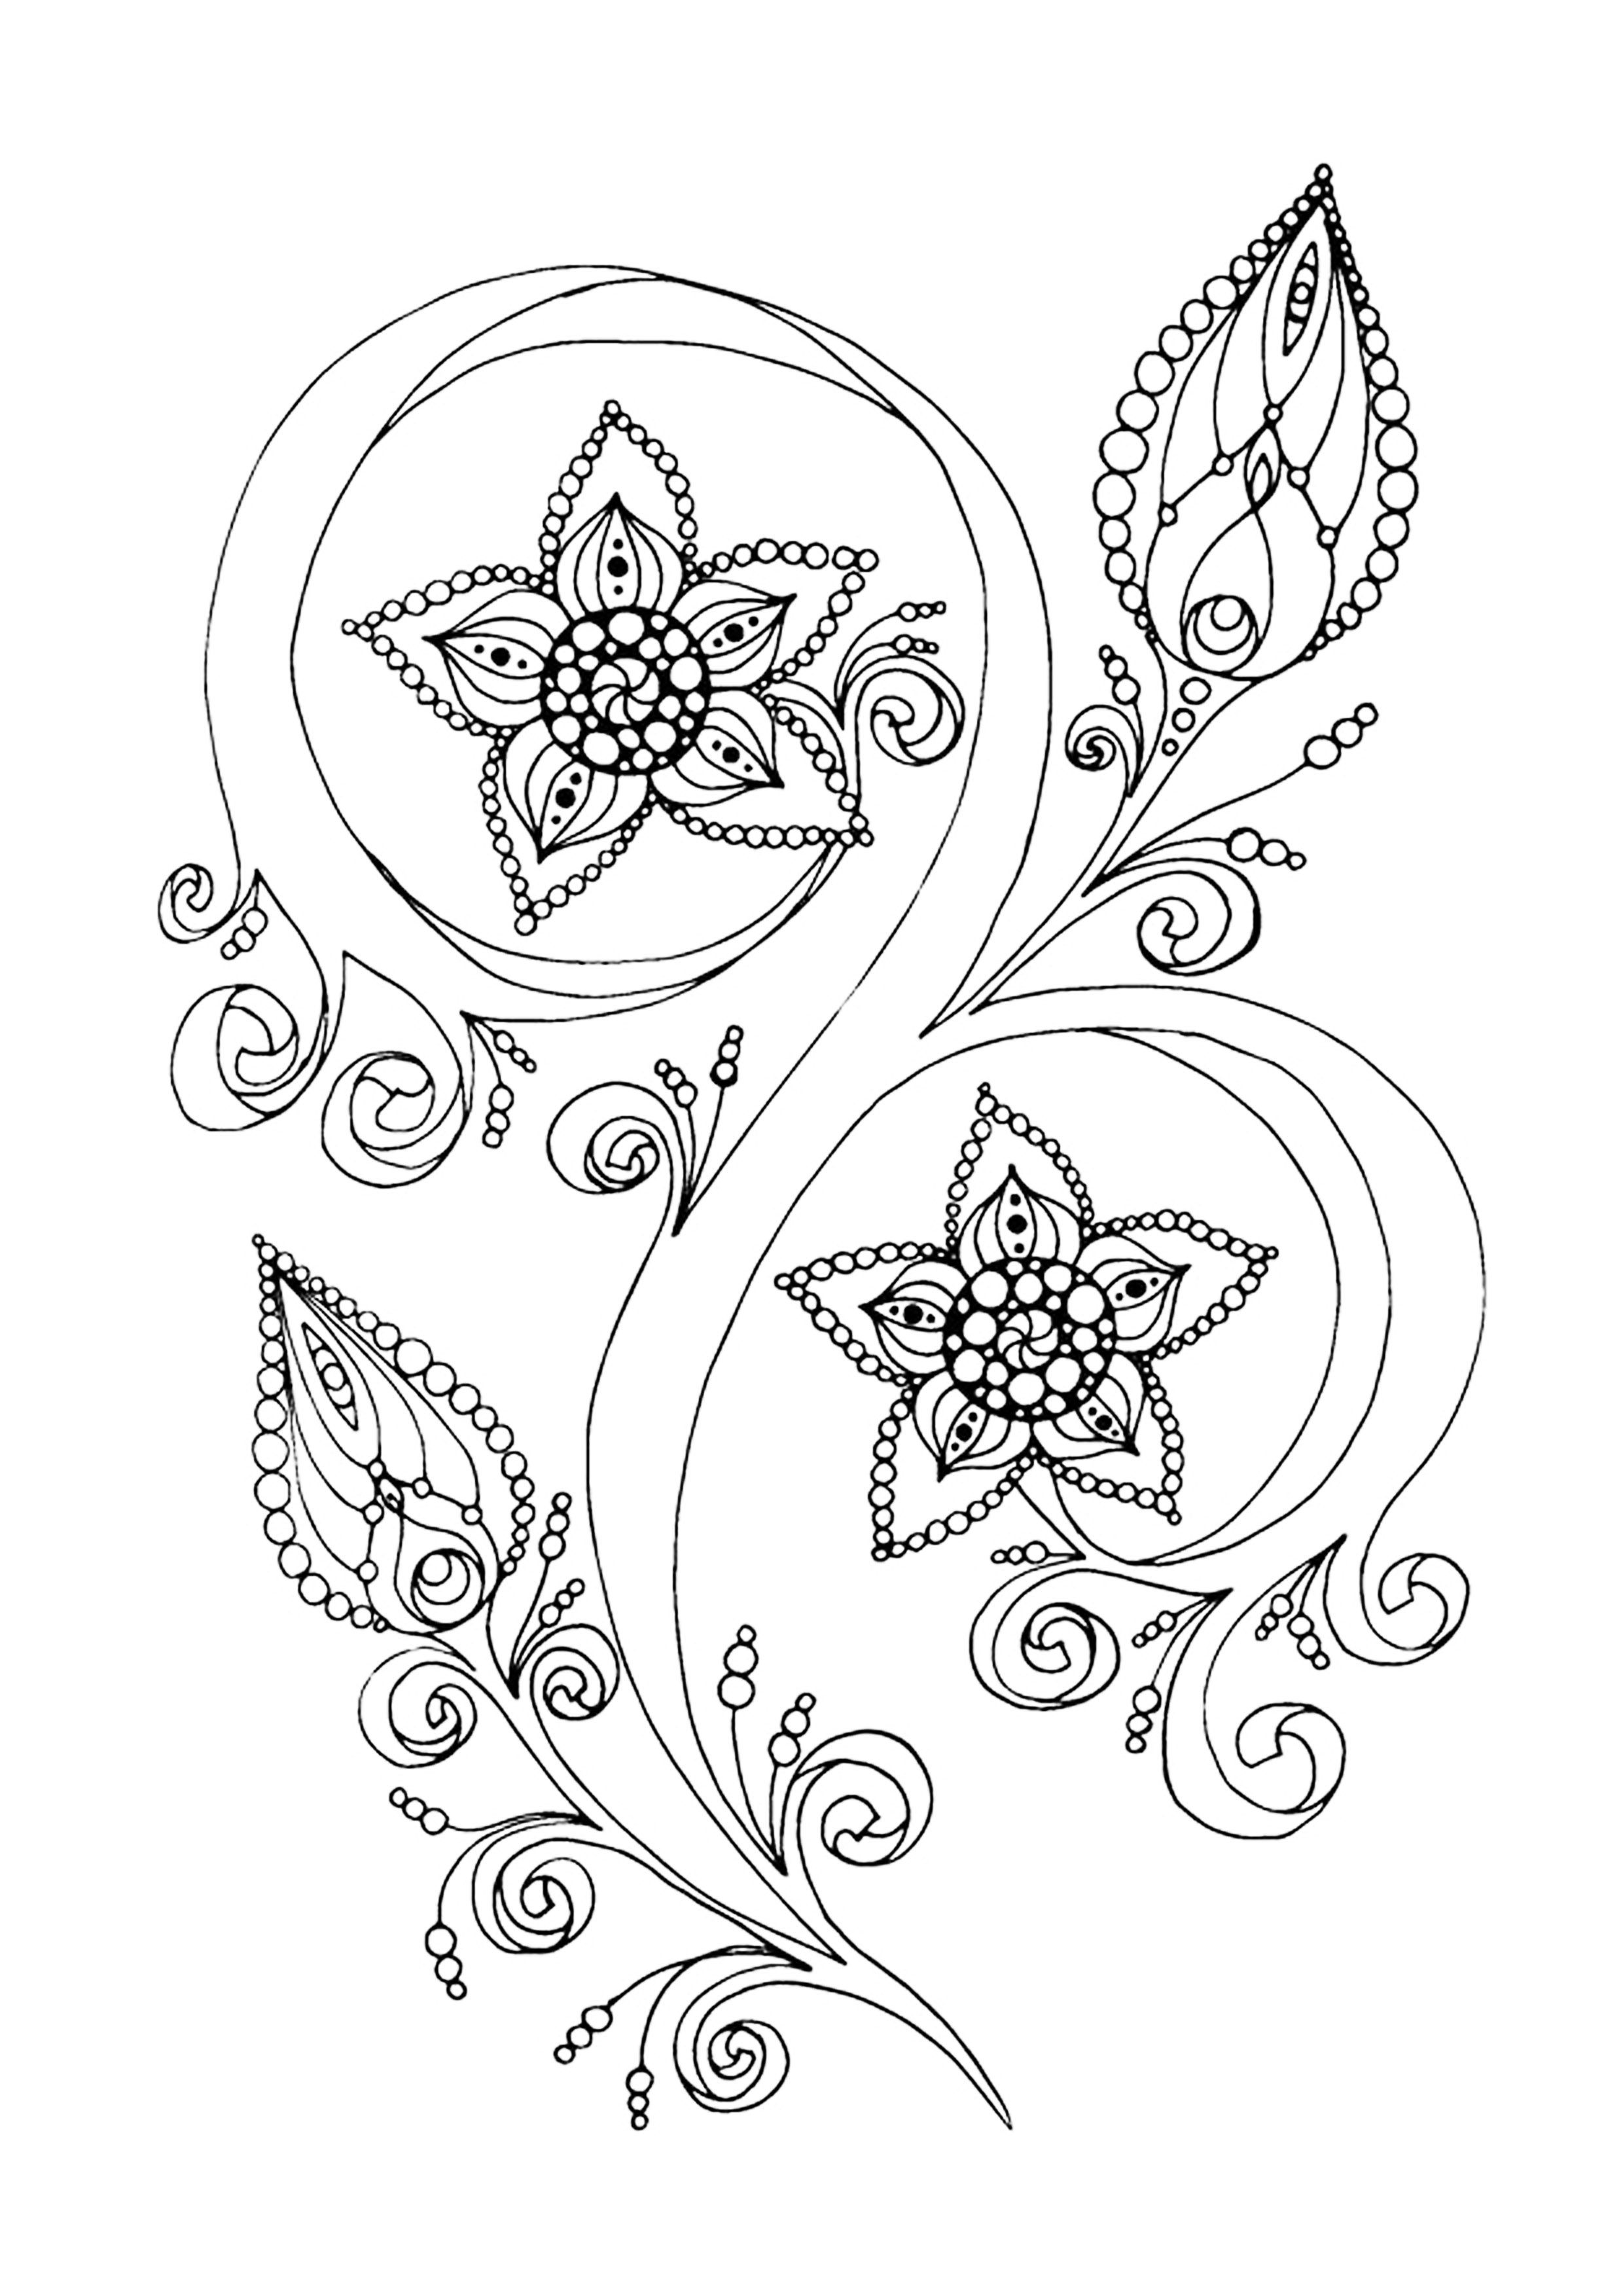 Elegante Dibujos Para Colorear De Flores Y Frutas | Colore Ar La Imagen